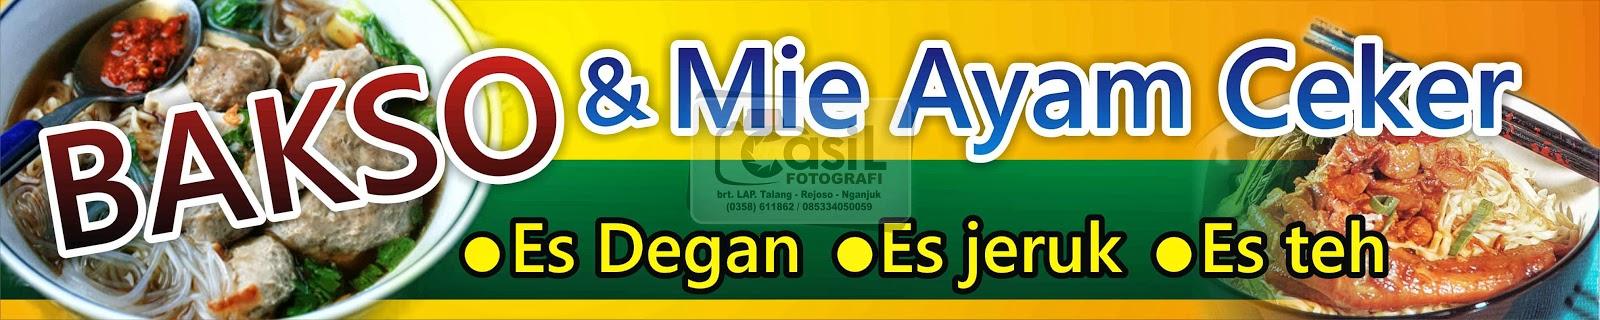 Lucu Contoh Banner Mie Ayam - contoh desain spanduk